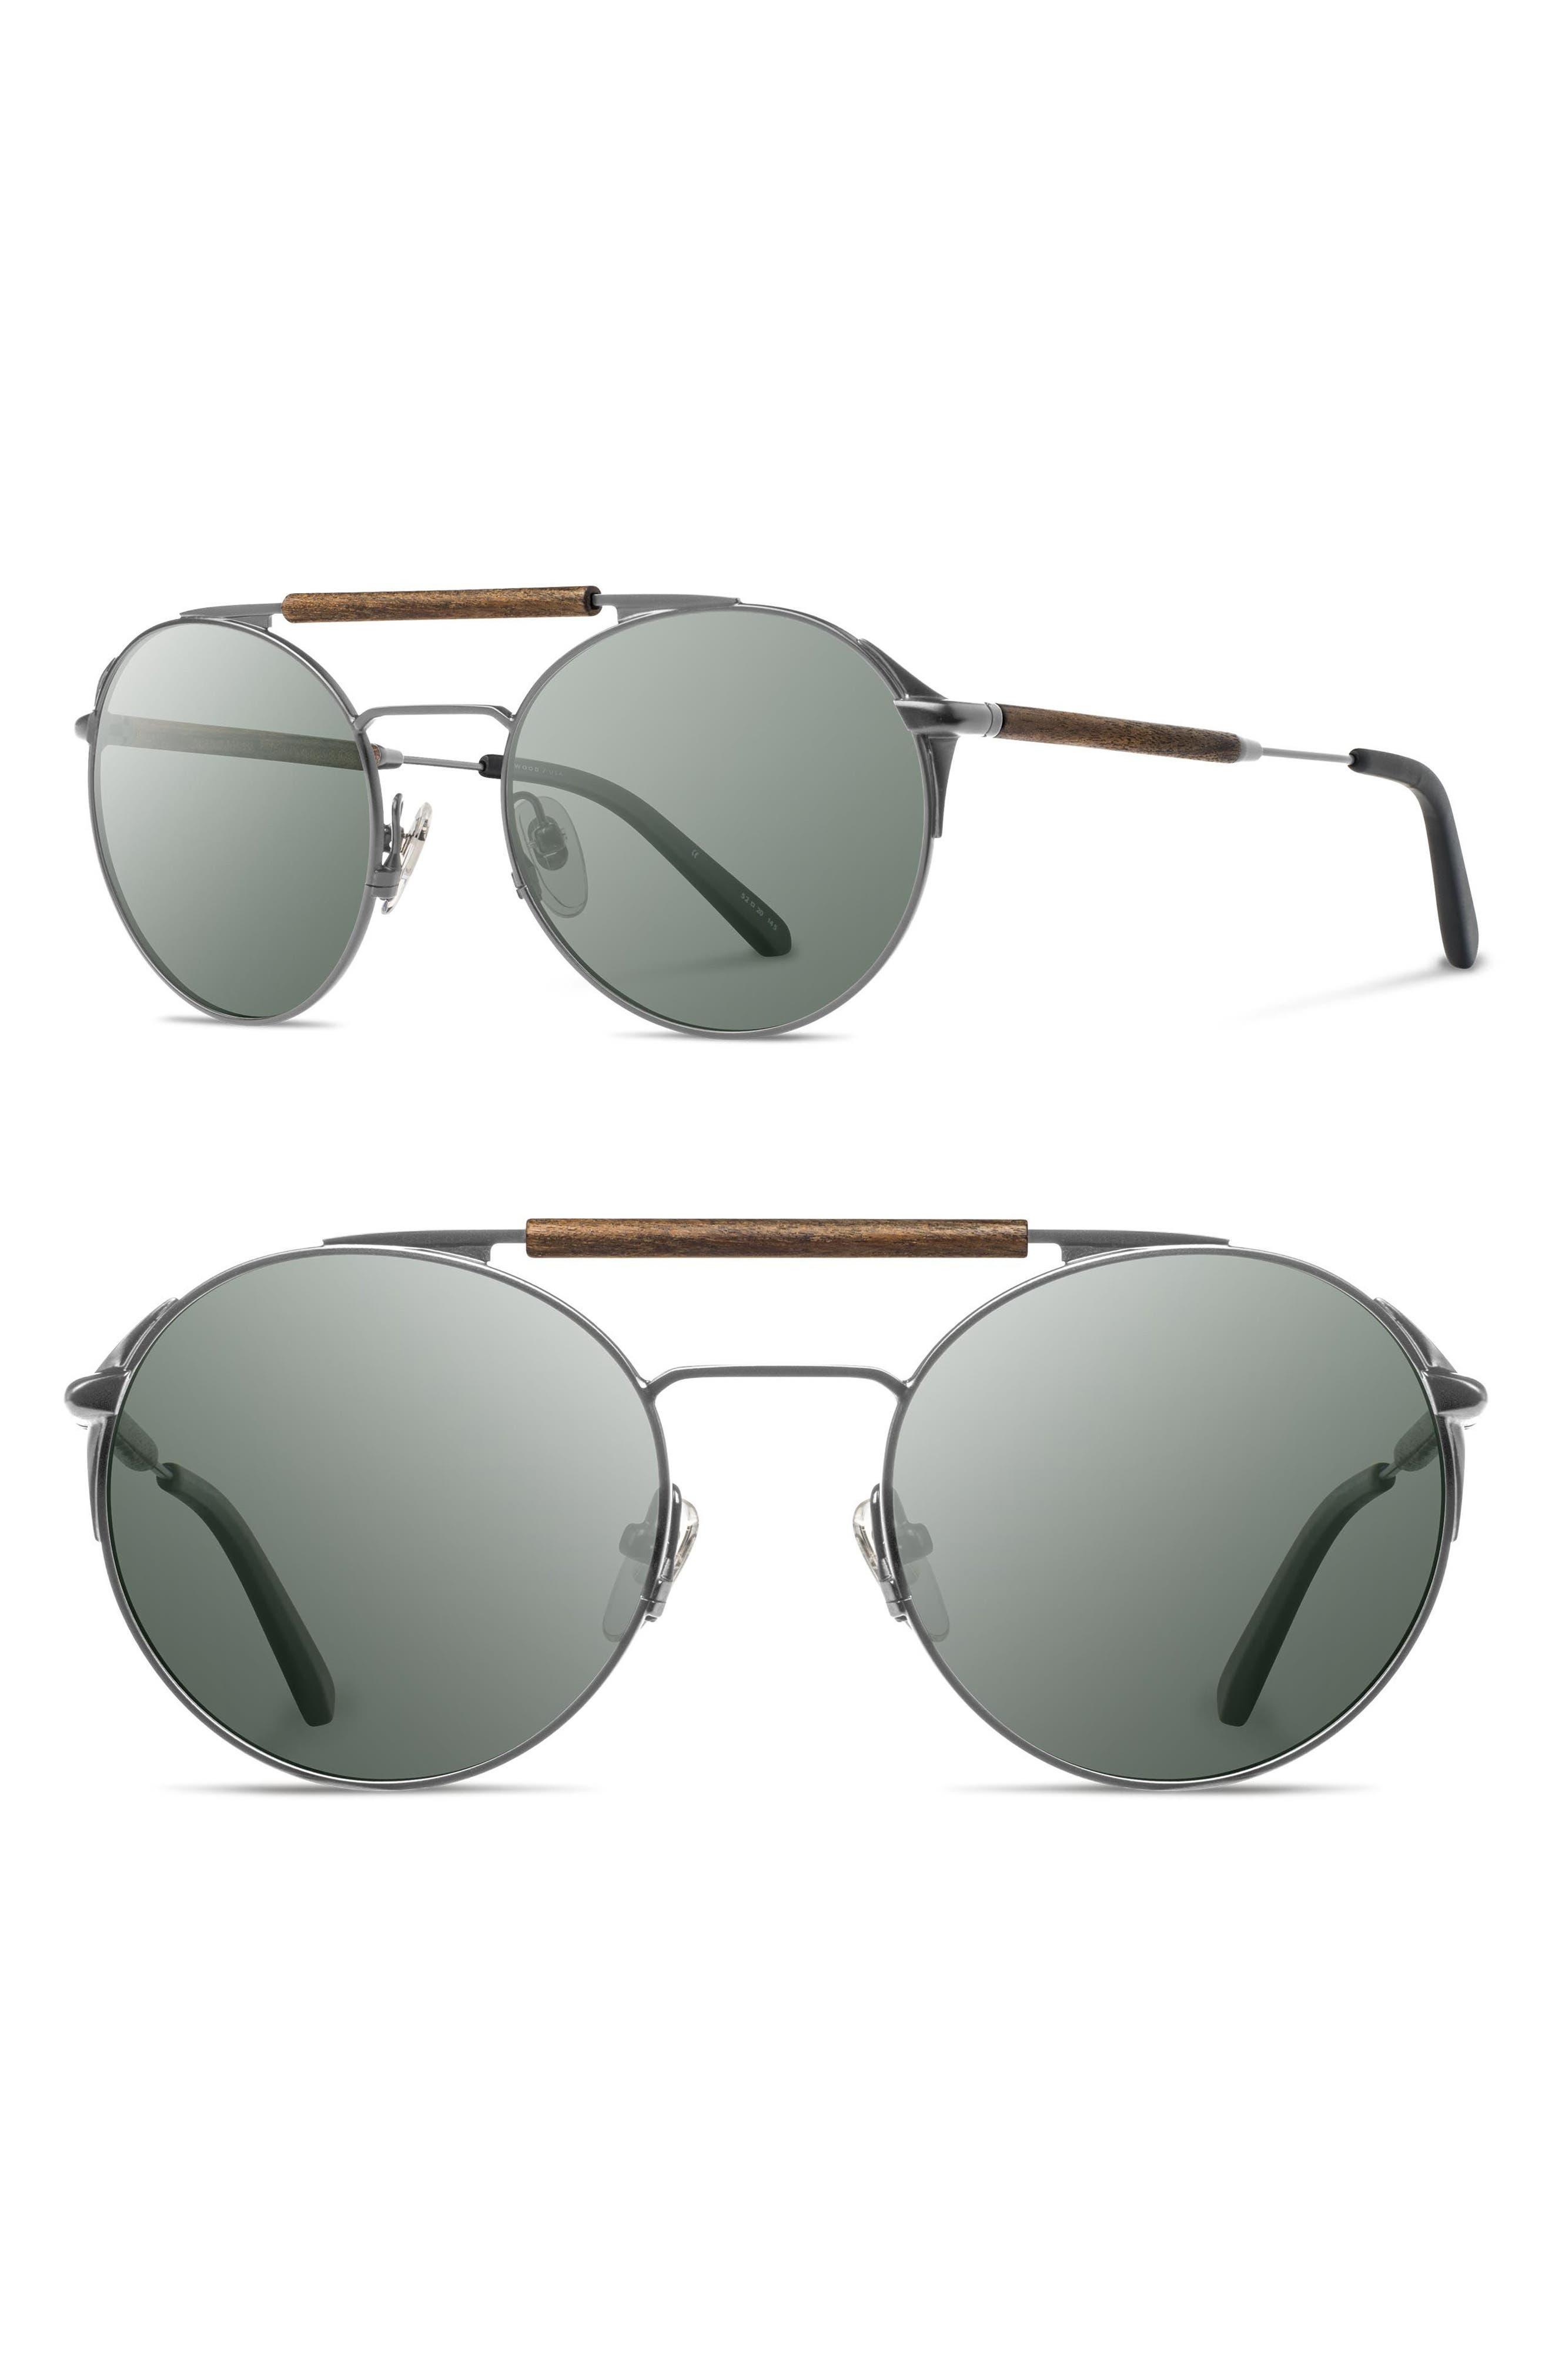 Bandon 52mm Round Sunglasses,                             Main thumbnail 3, color,